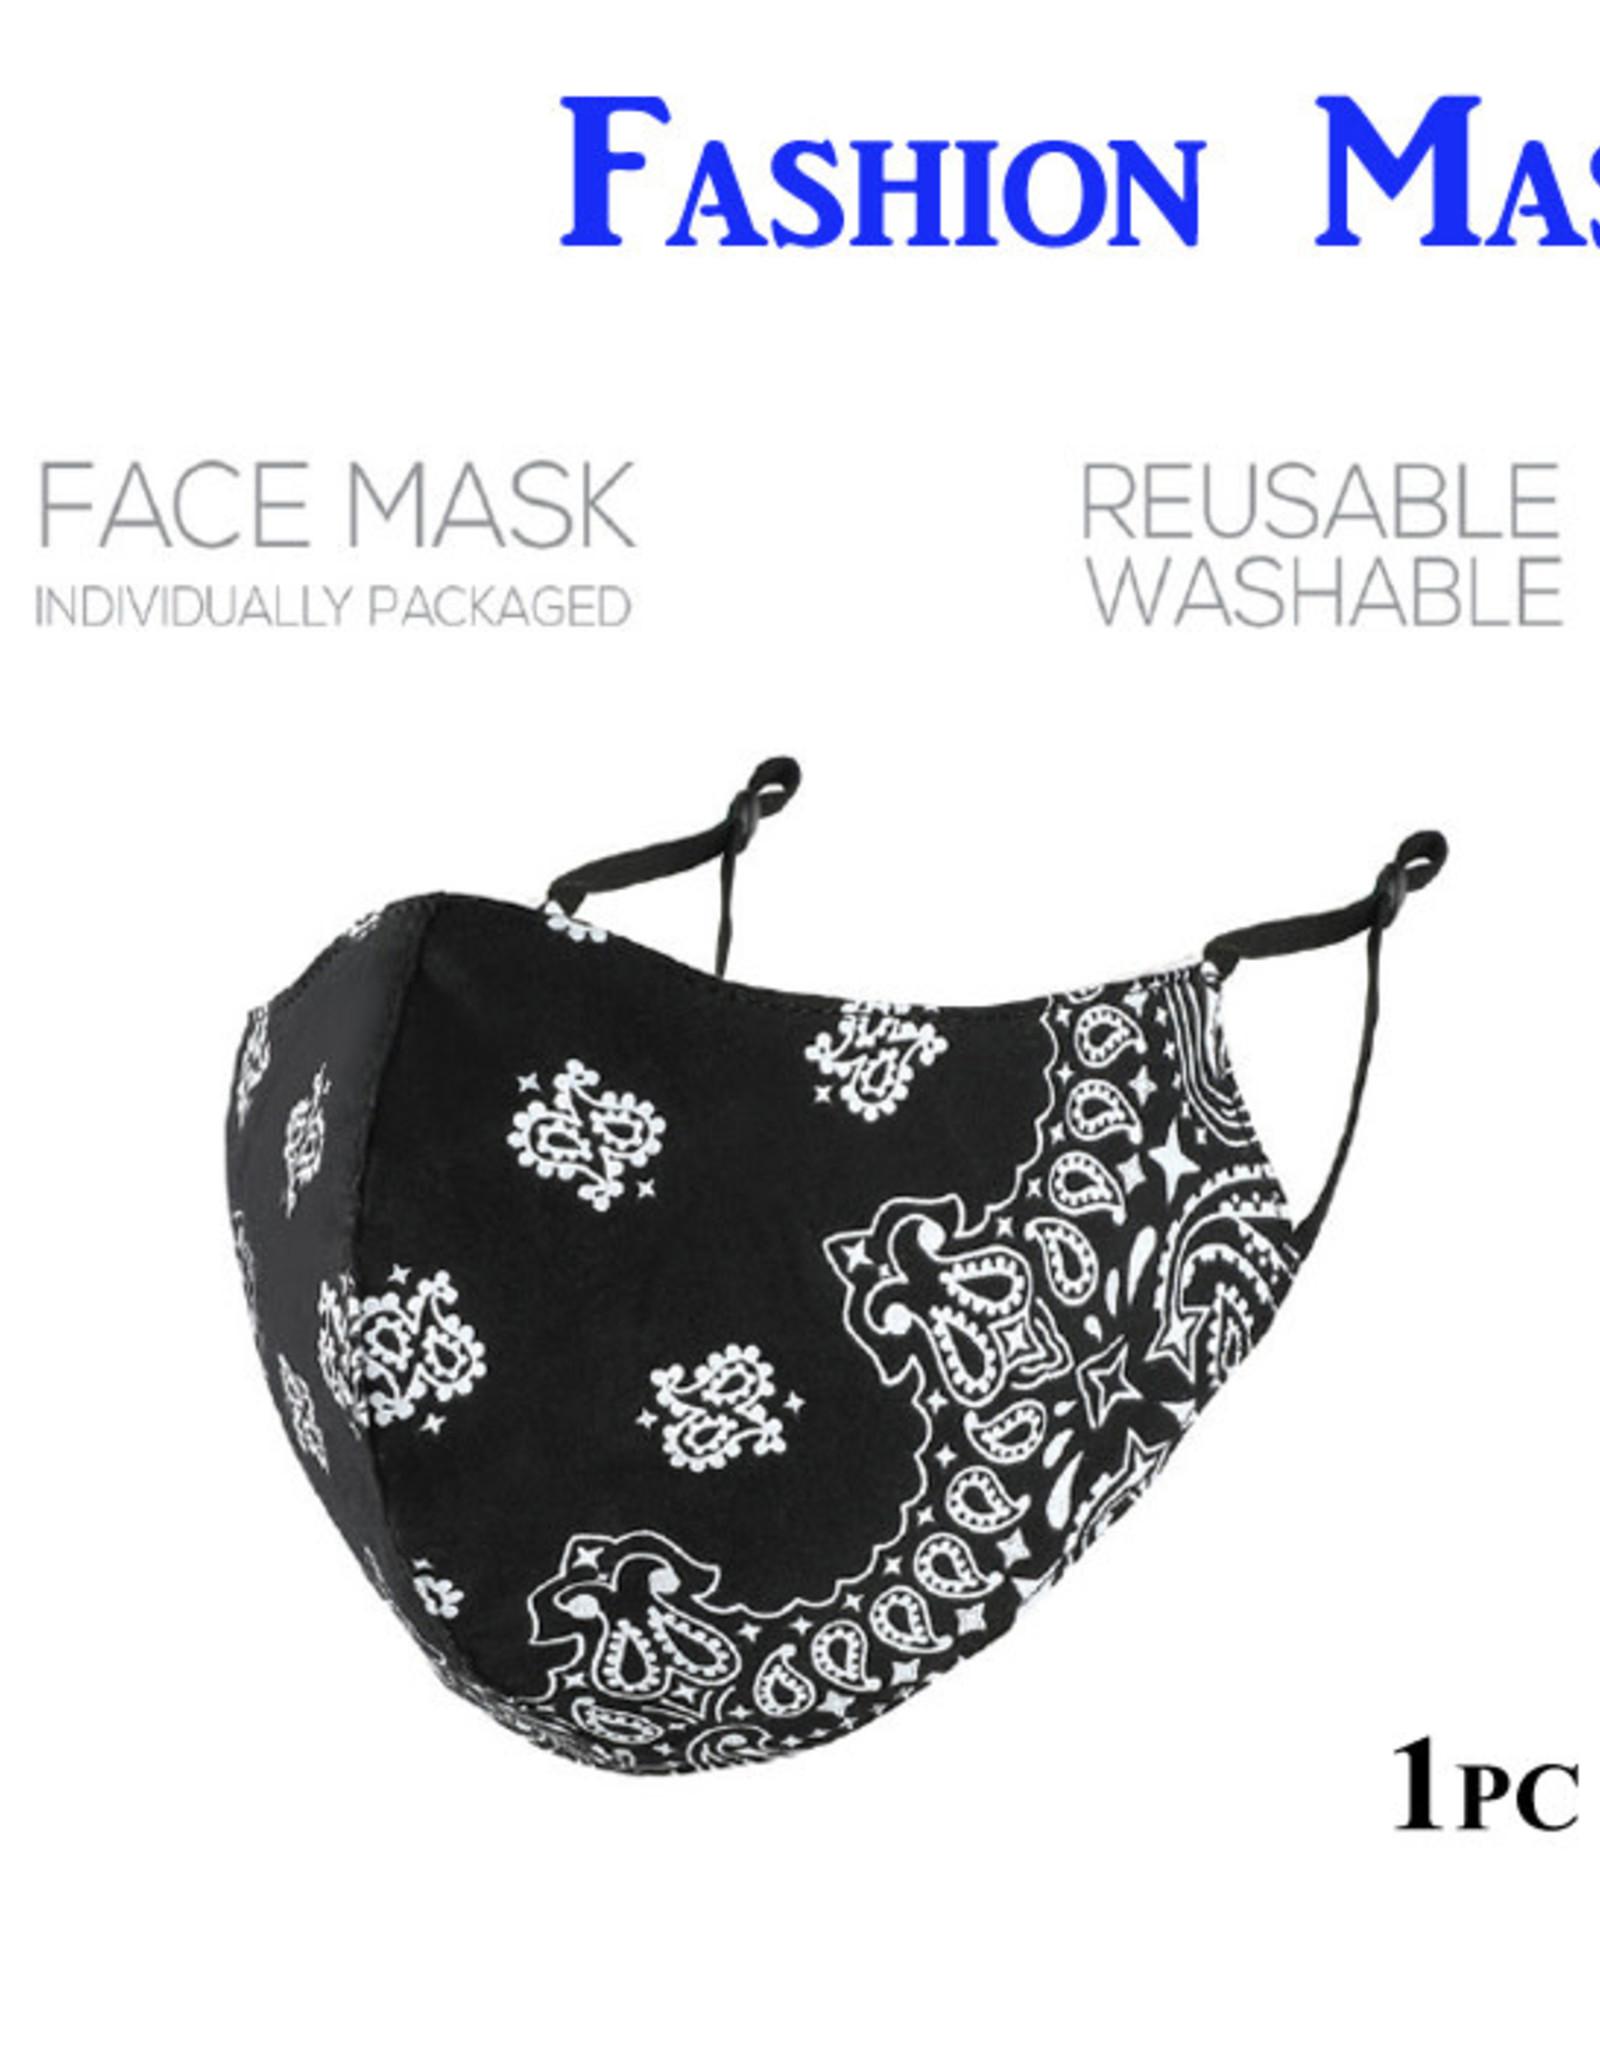 Blk/Wht Paisley Face Mask